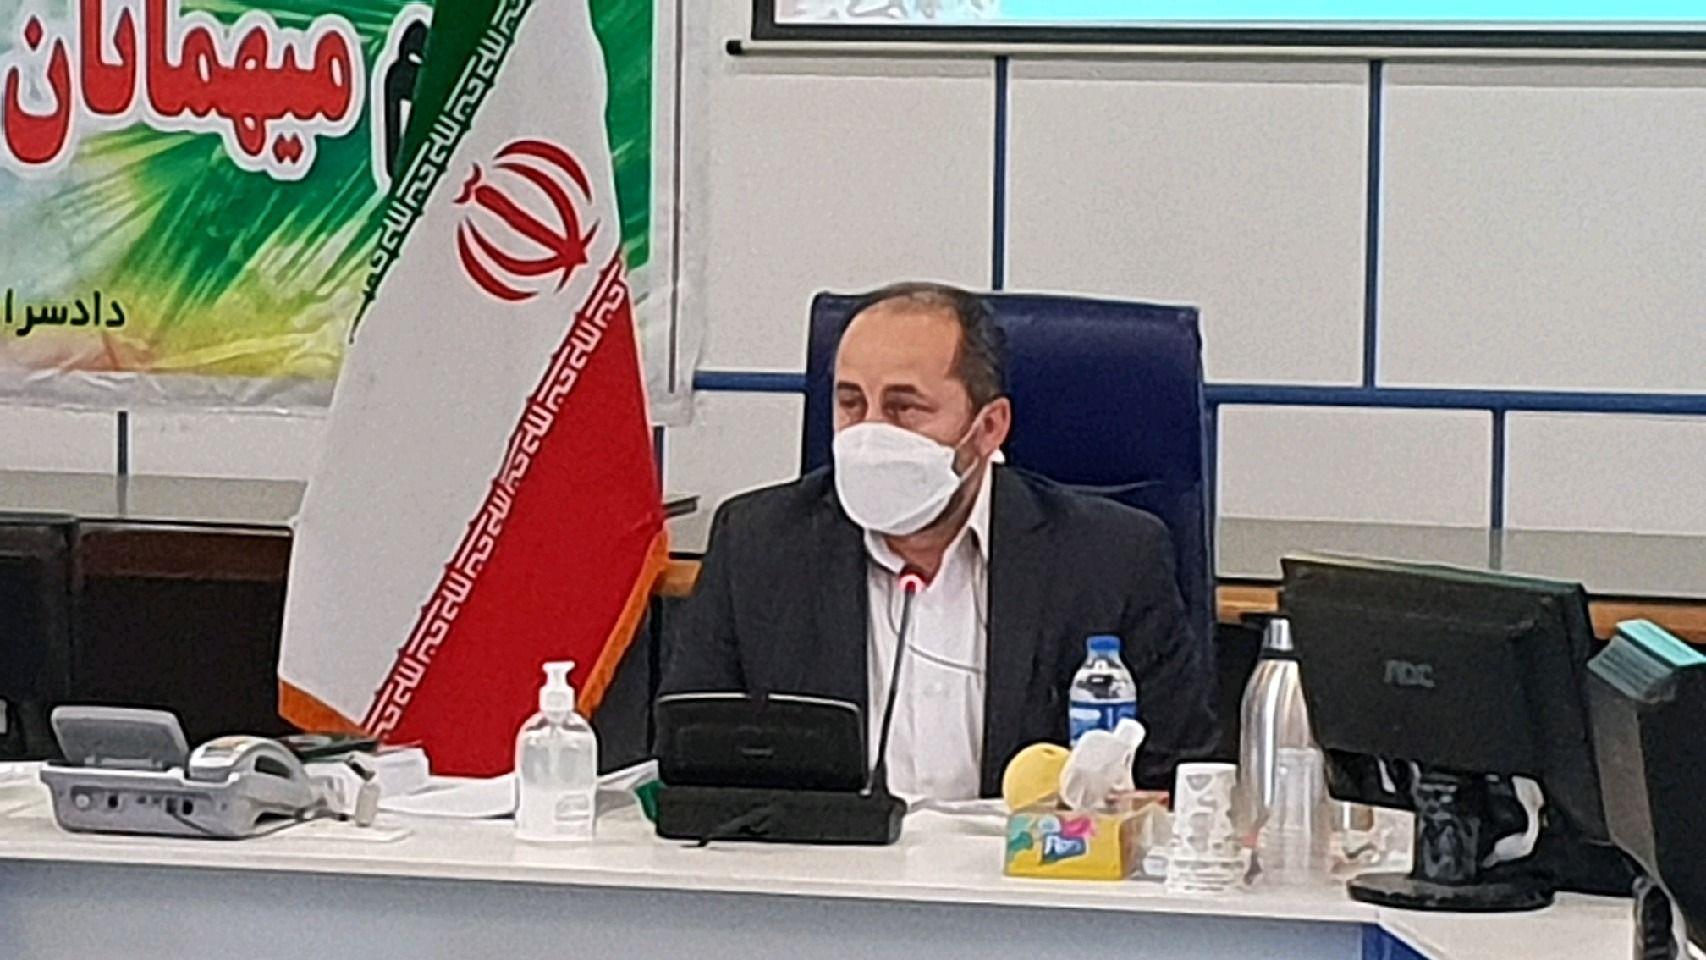 تصویر از دادگاه ویژه تخصصی برای حل مشکلات تولید را در قزوین راه اندازی می کنیم